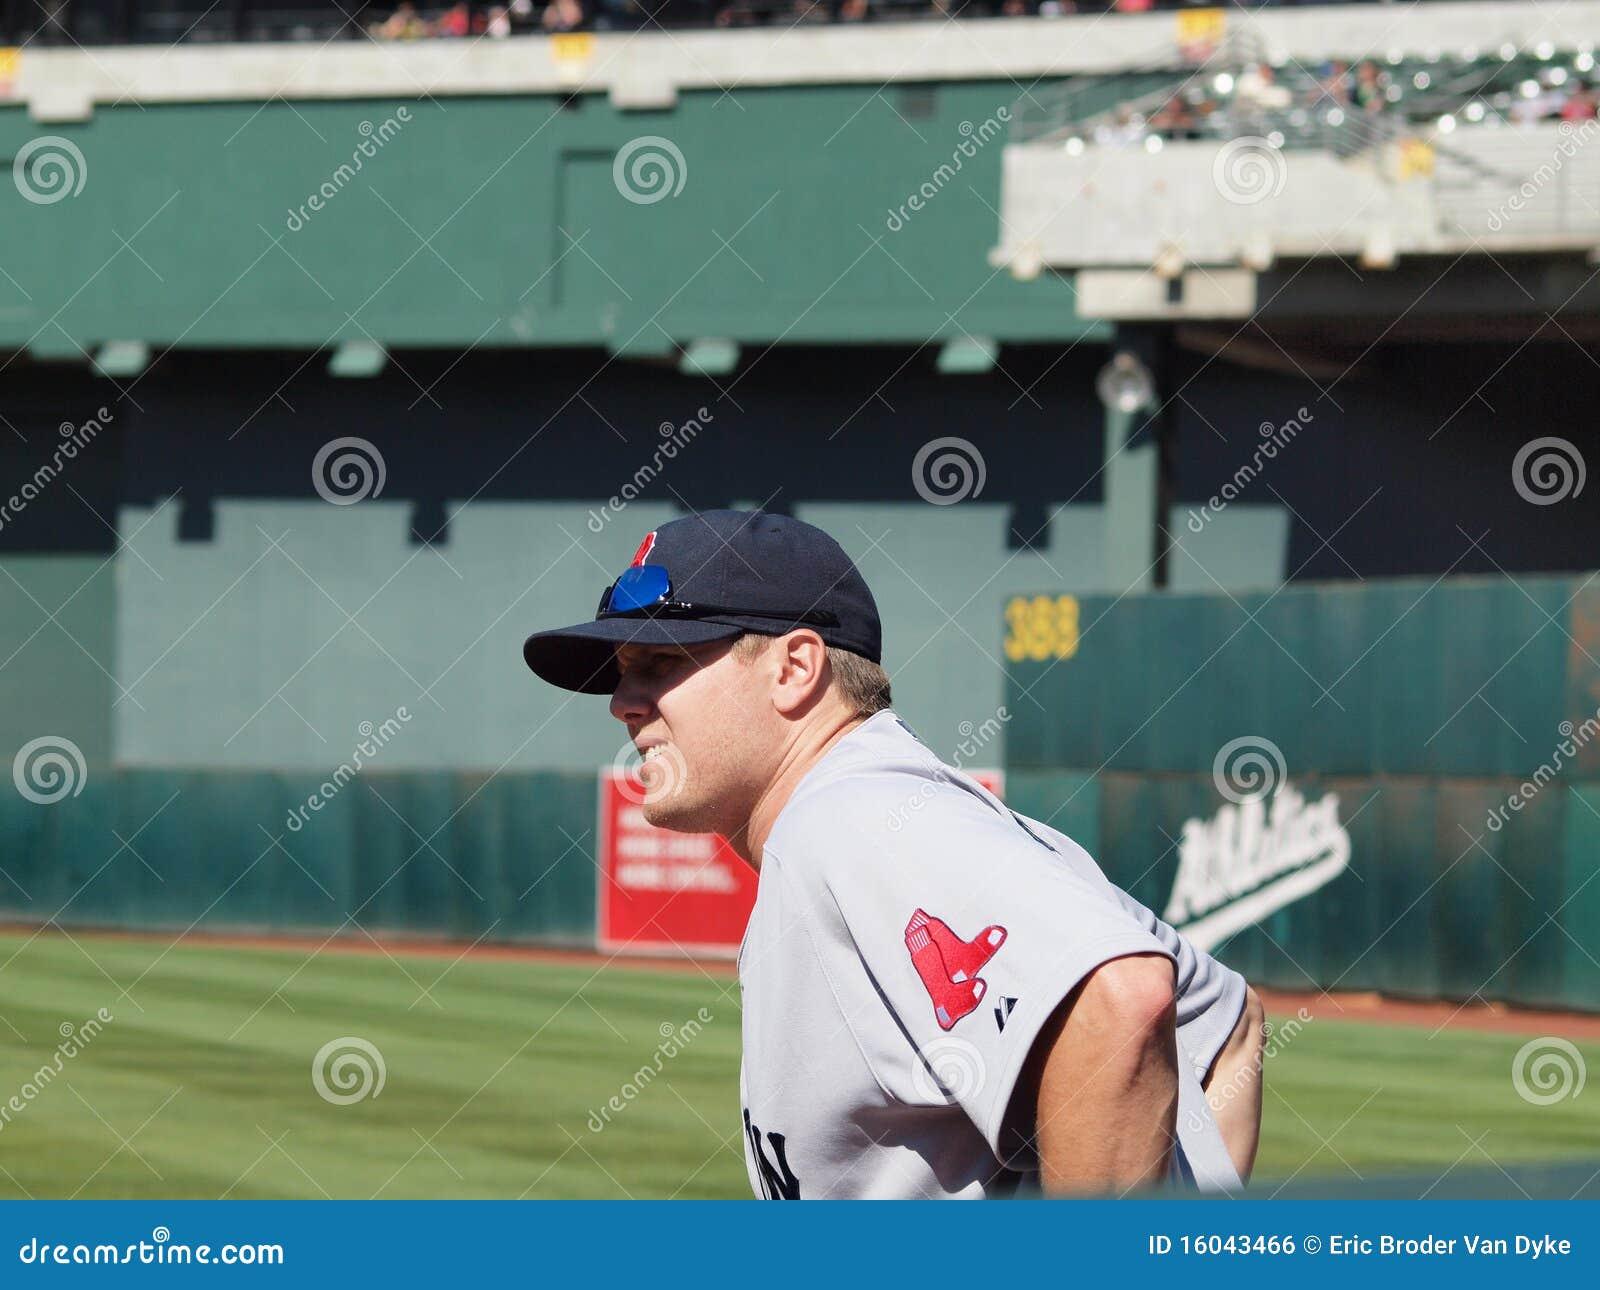 Red Sox closer Jonathan Papelbon waits in bullpen